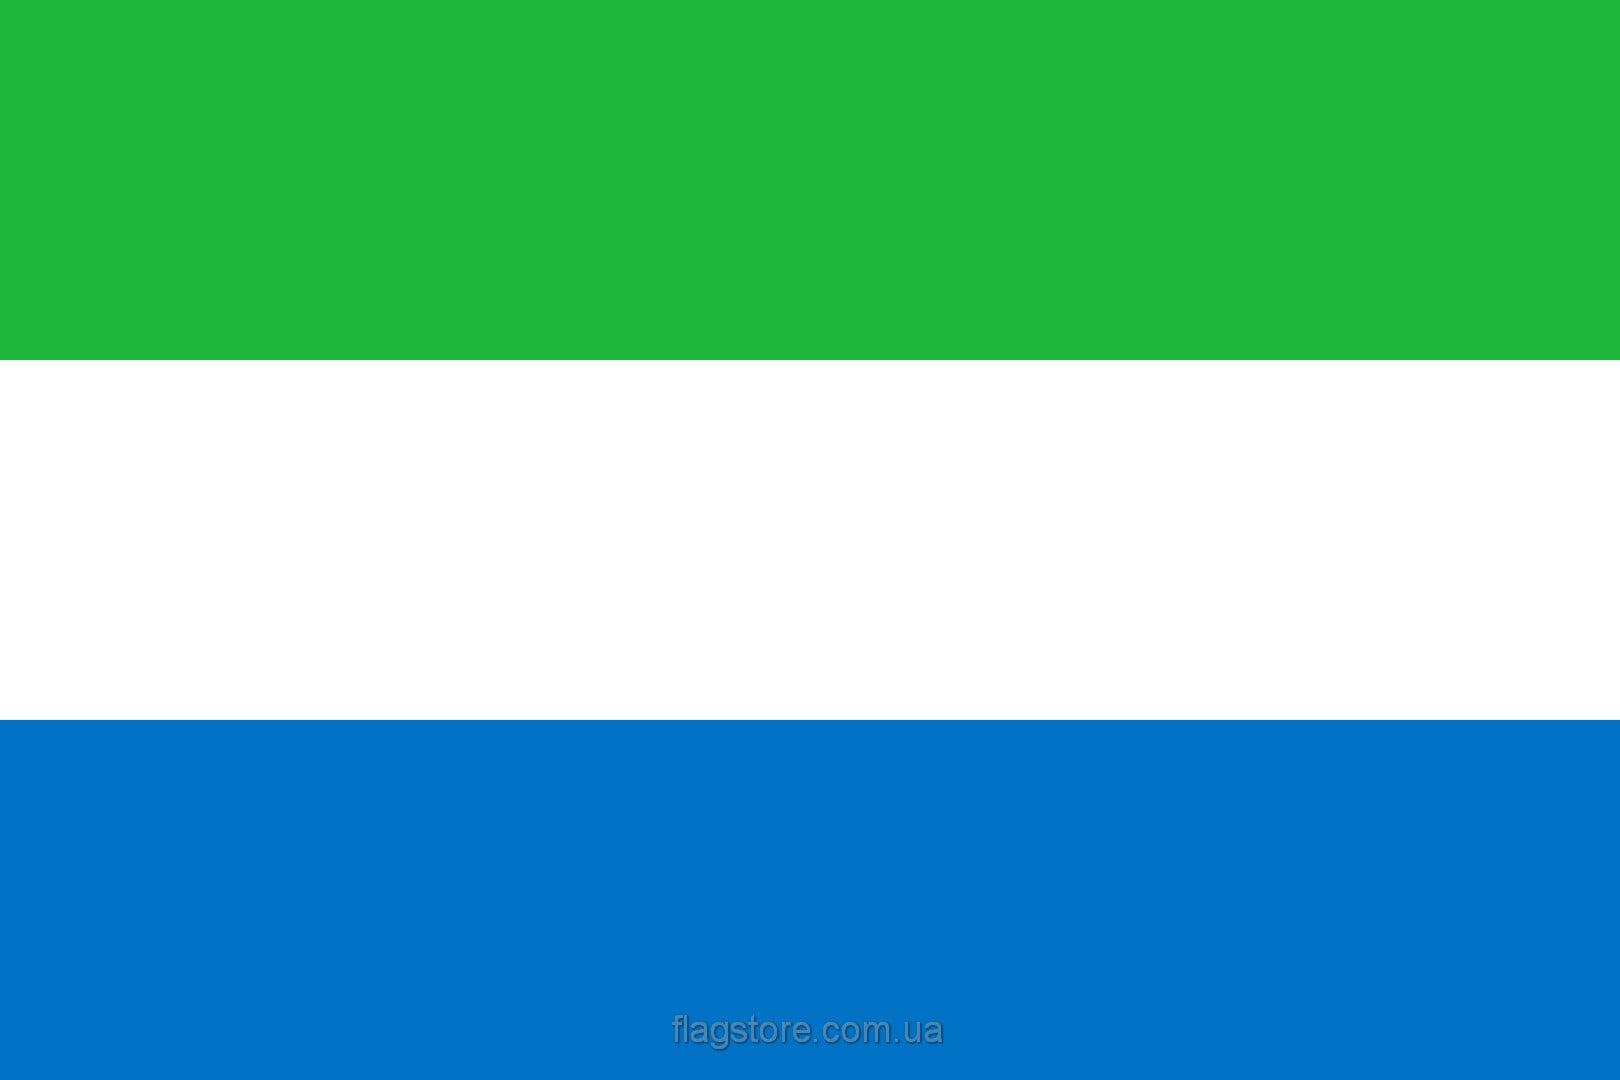 Купить флаг страны Сьерра-Леоне